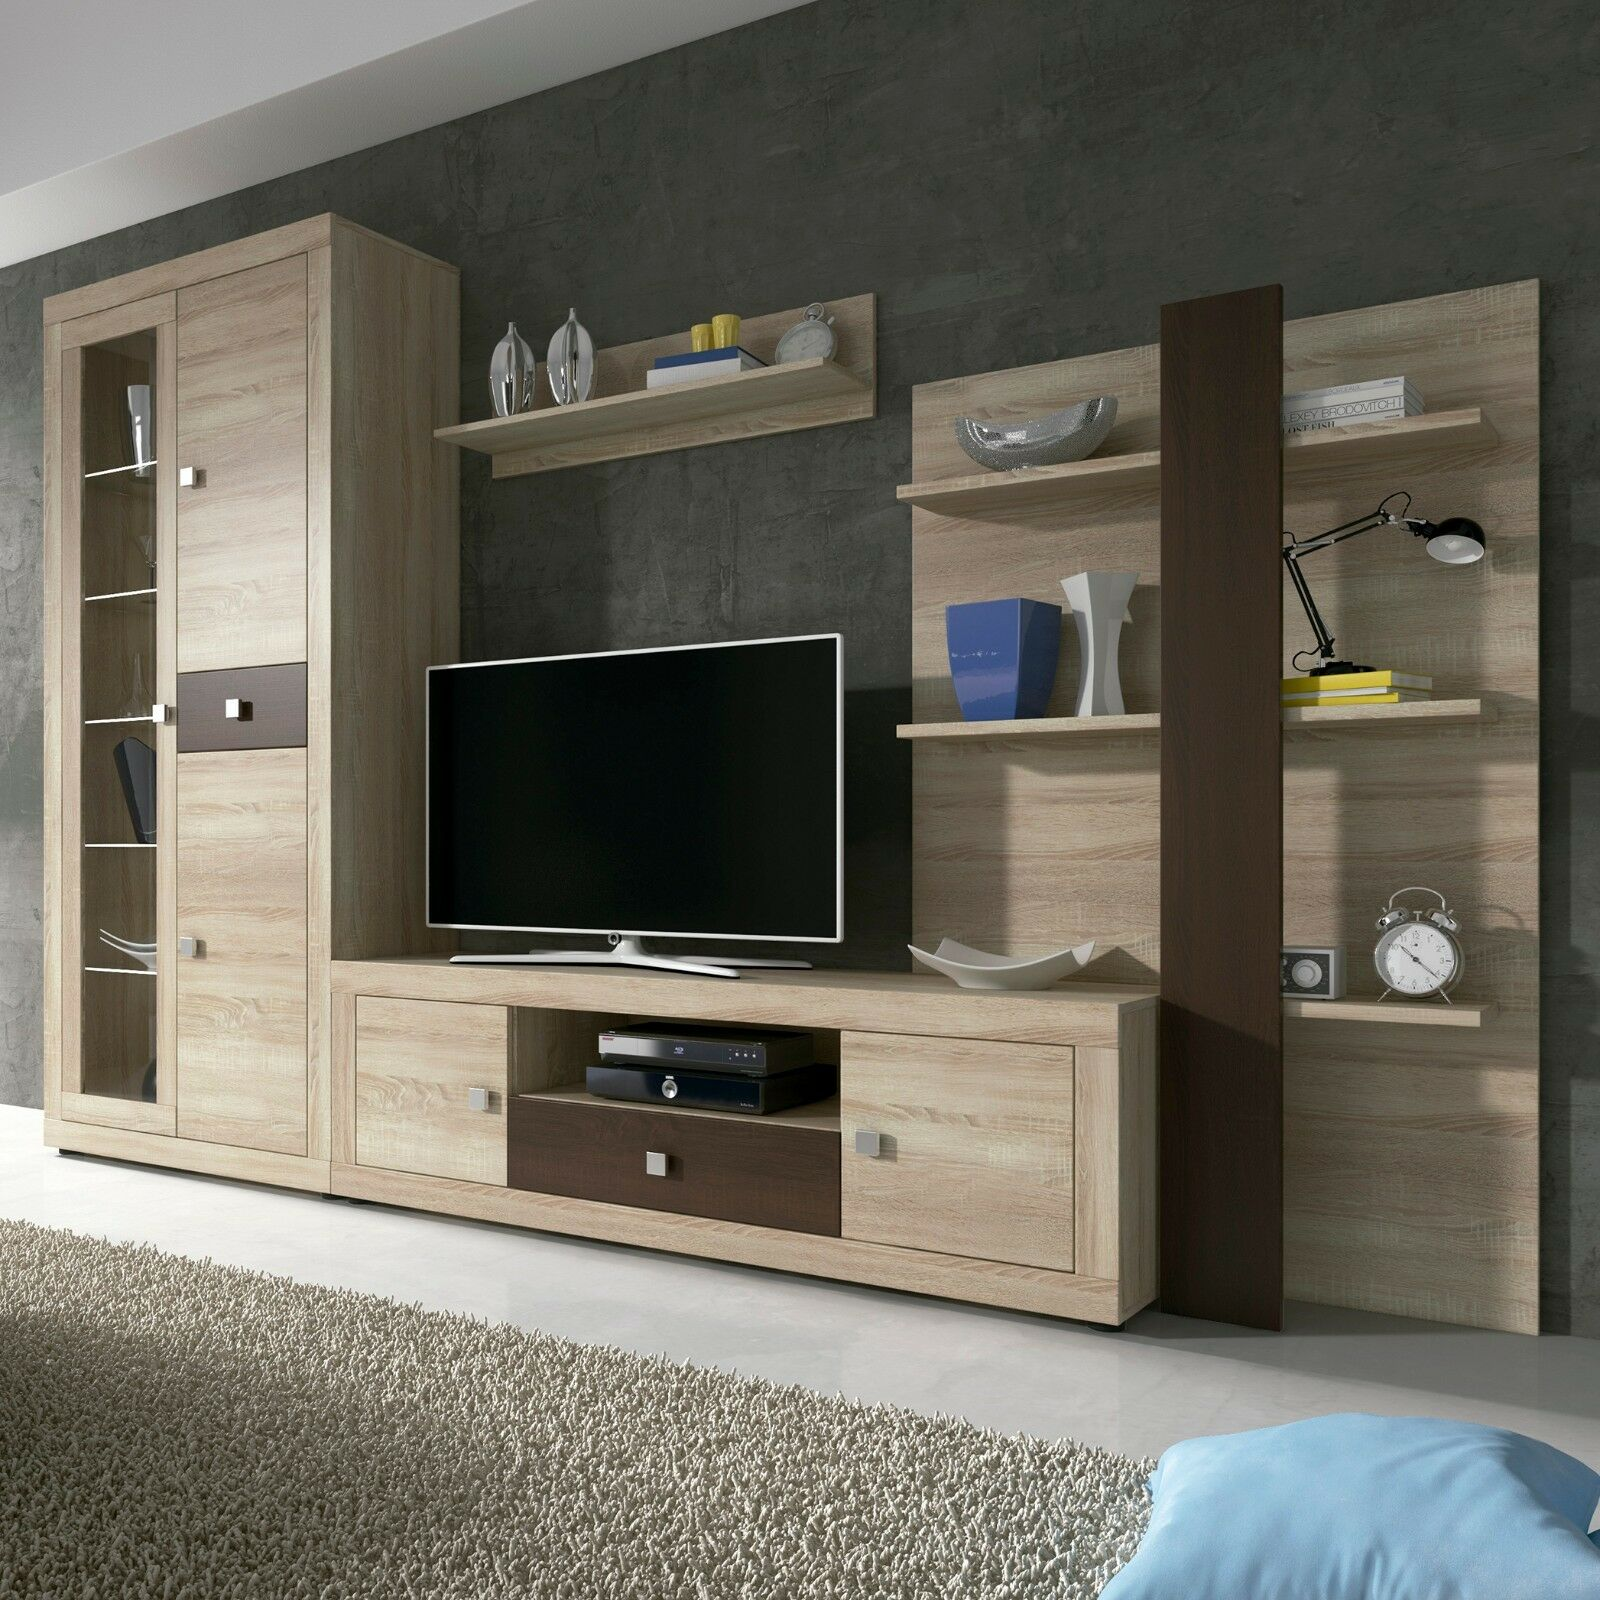 9 Muebles De Salon En Ebay Mas Baratos Que En Ikea Y Con Envio Gratis